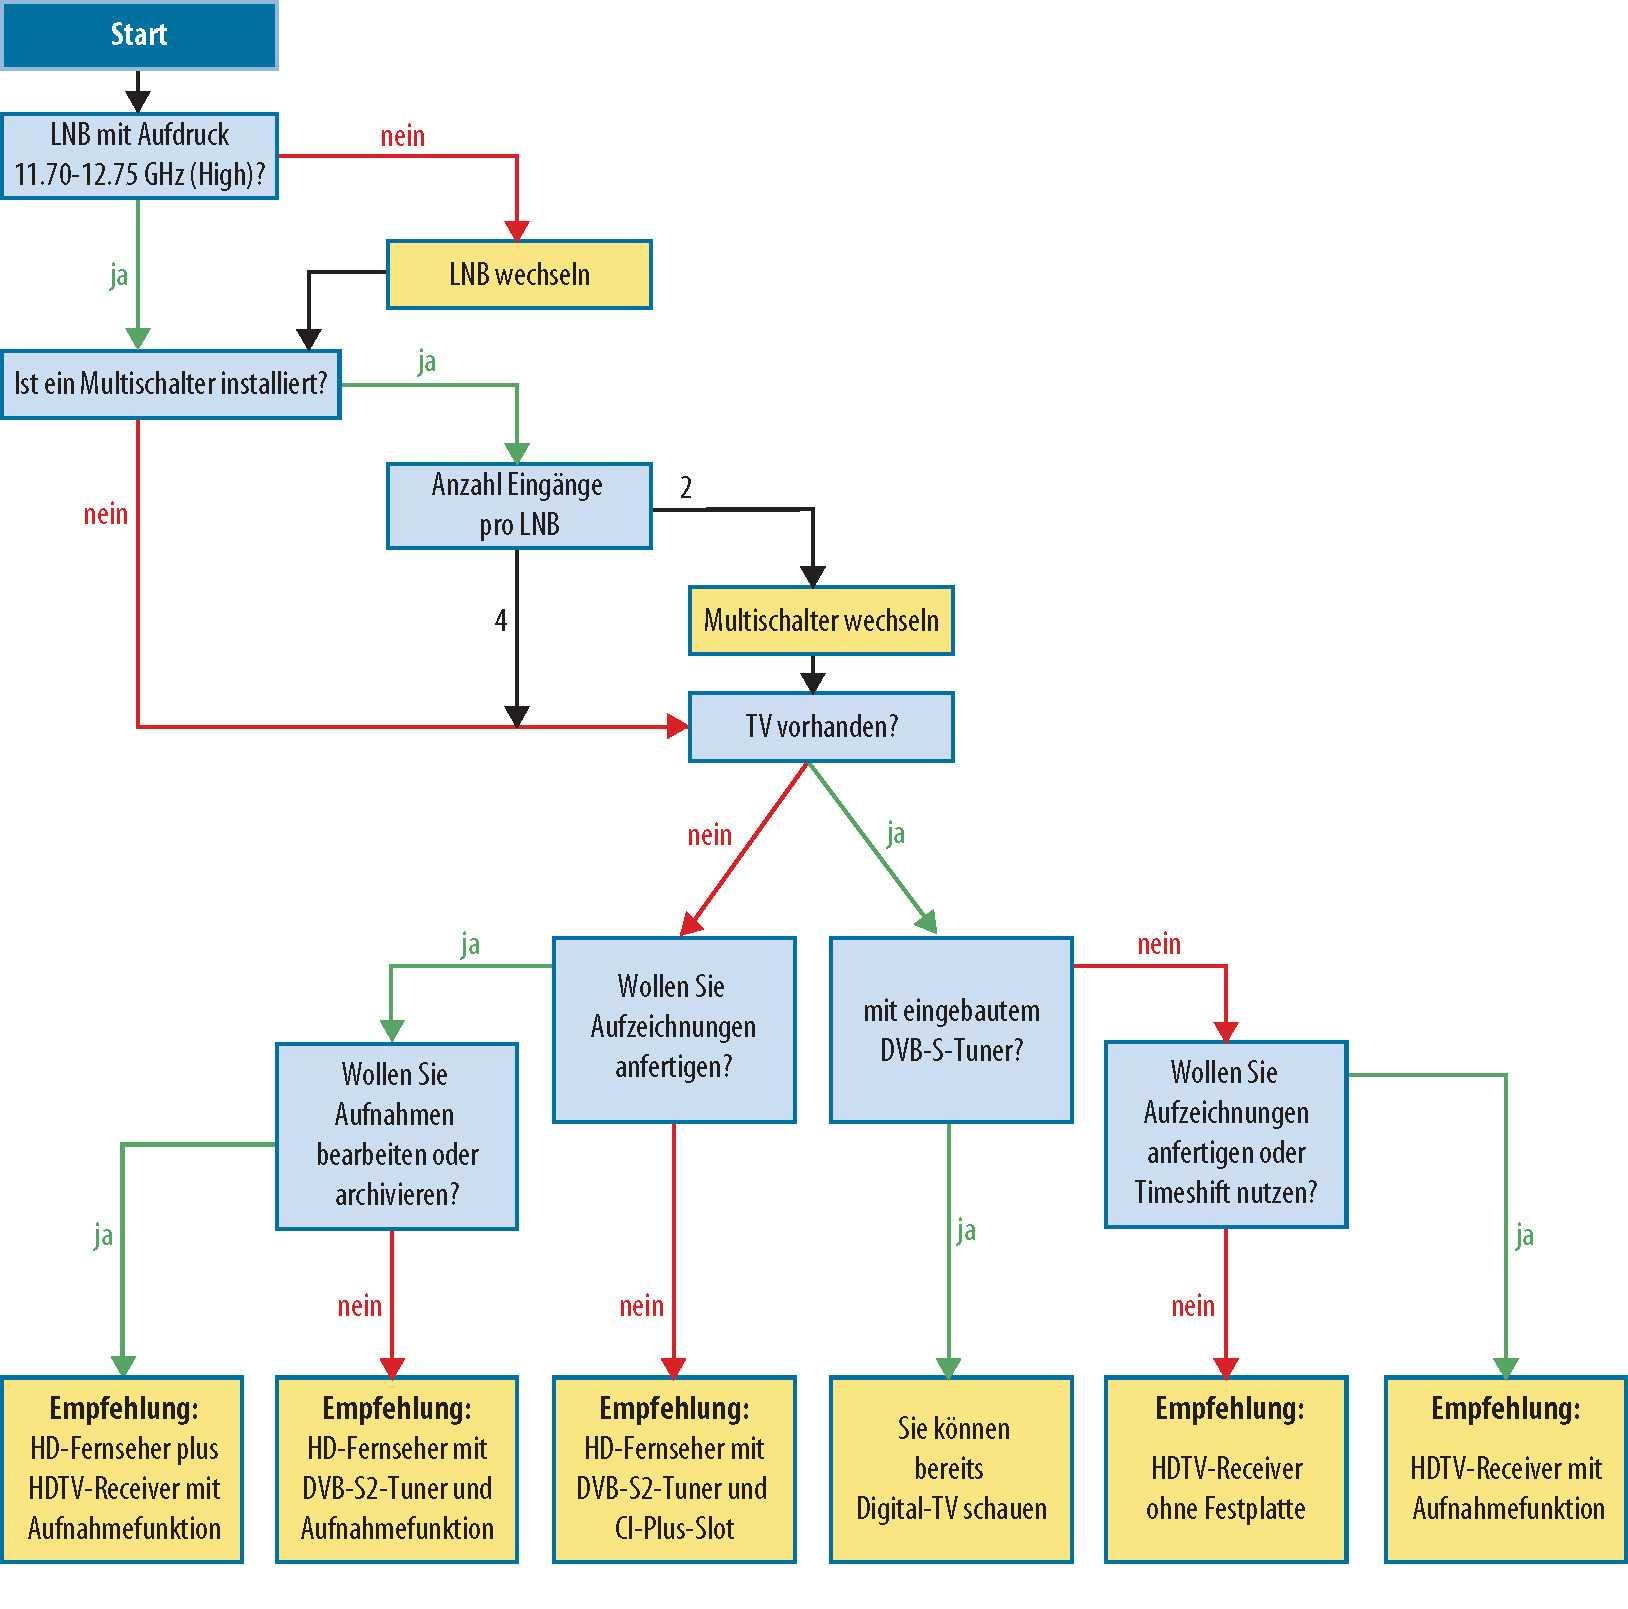 """Entscheidungsbaum für Anwender, die von analogen auf digitalen  Sat-TV-Empfang wechseln möchten. Lautet die Empfehlung """"HDTV-Receiver mit  Aufnahmefunktion"""", ..."""